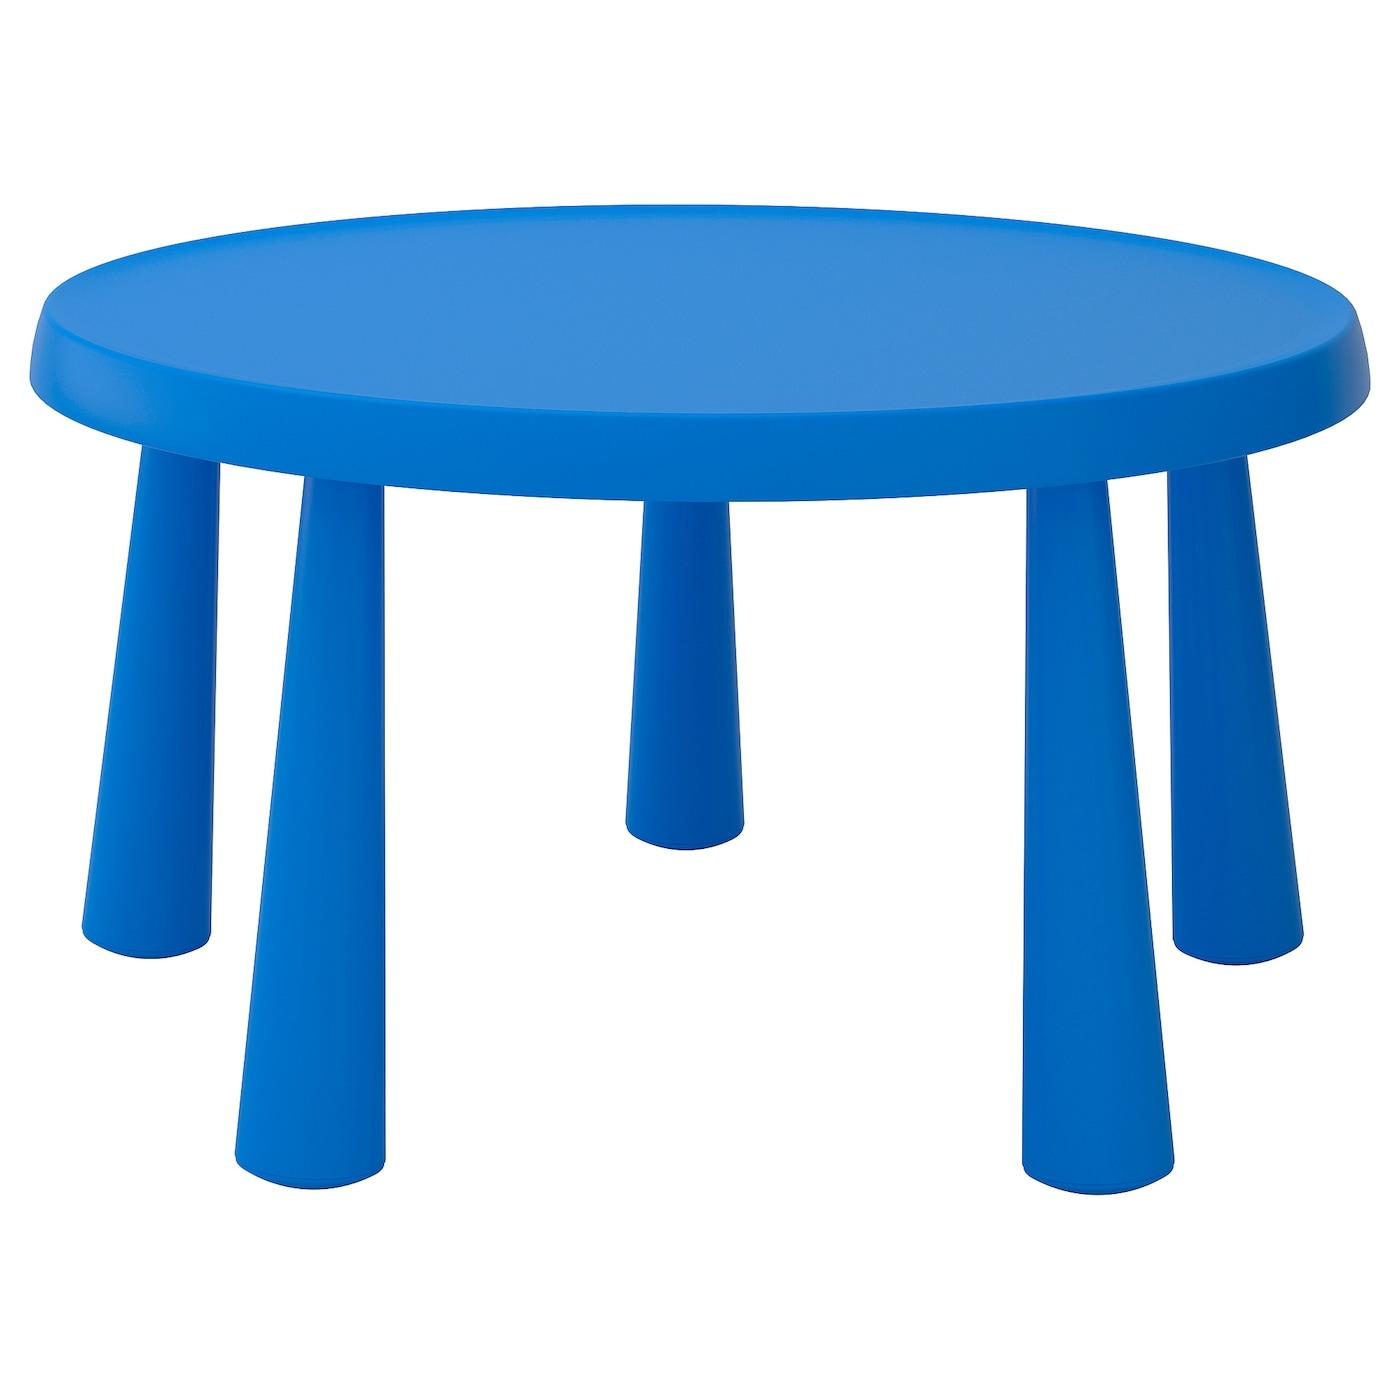 MAMMUT Table enfant - intérieur/extérieur bleu 7 cm